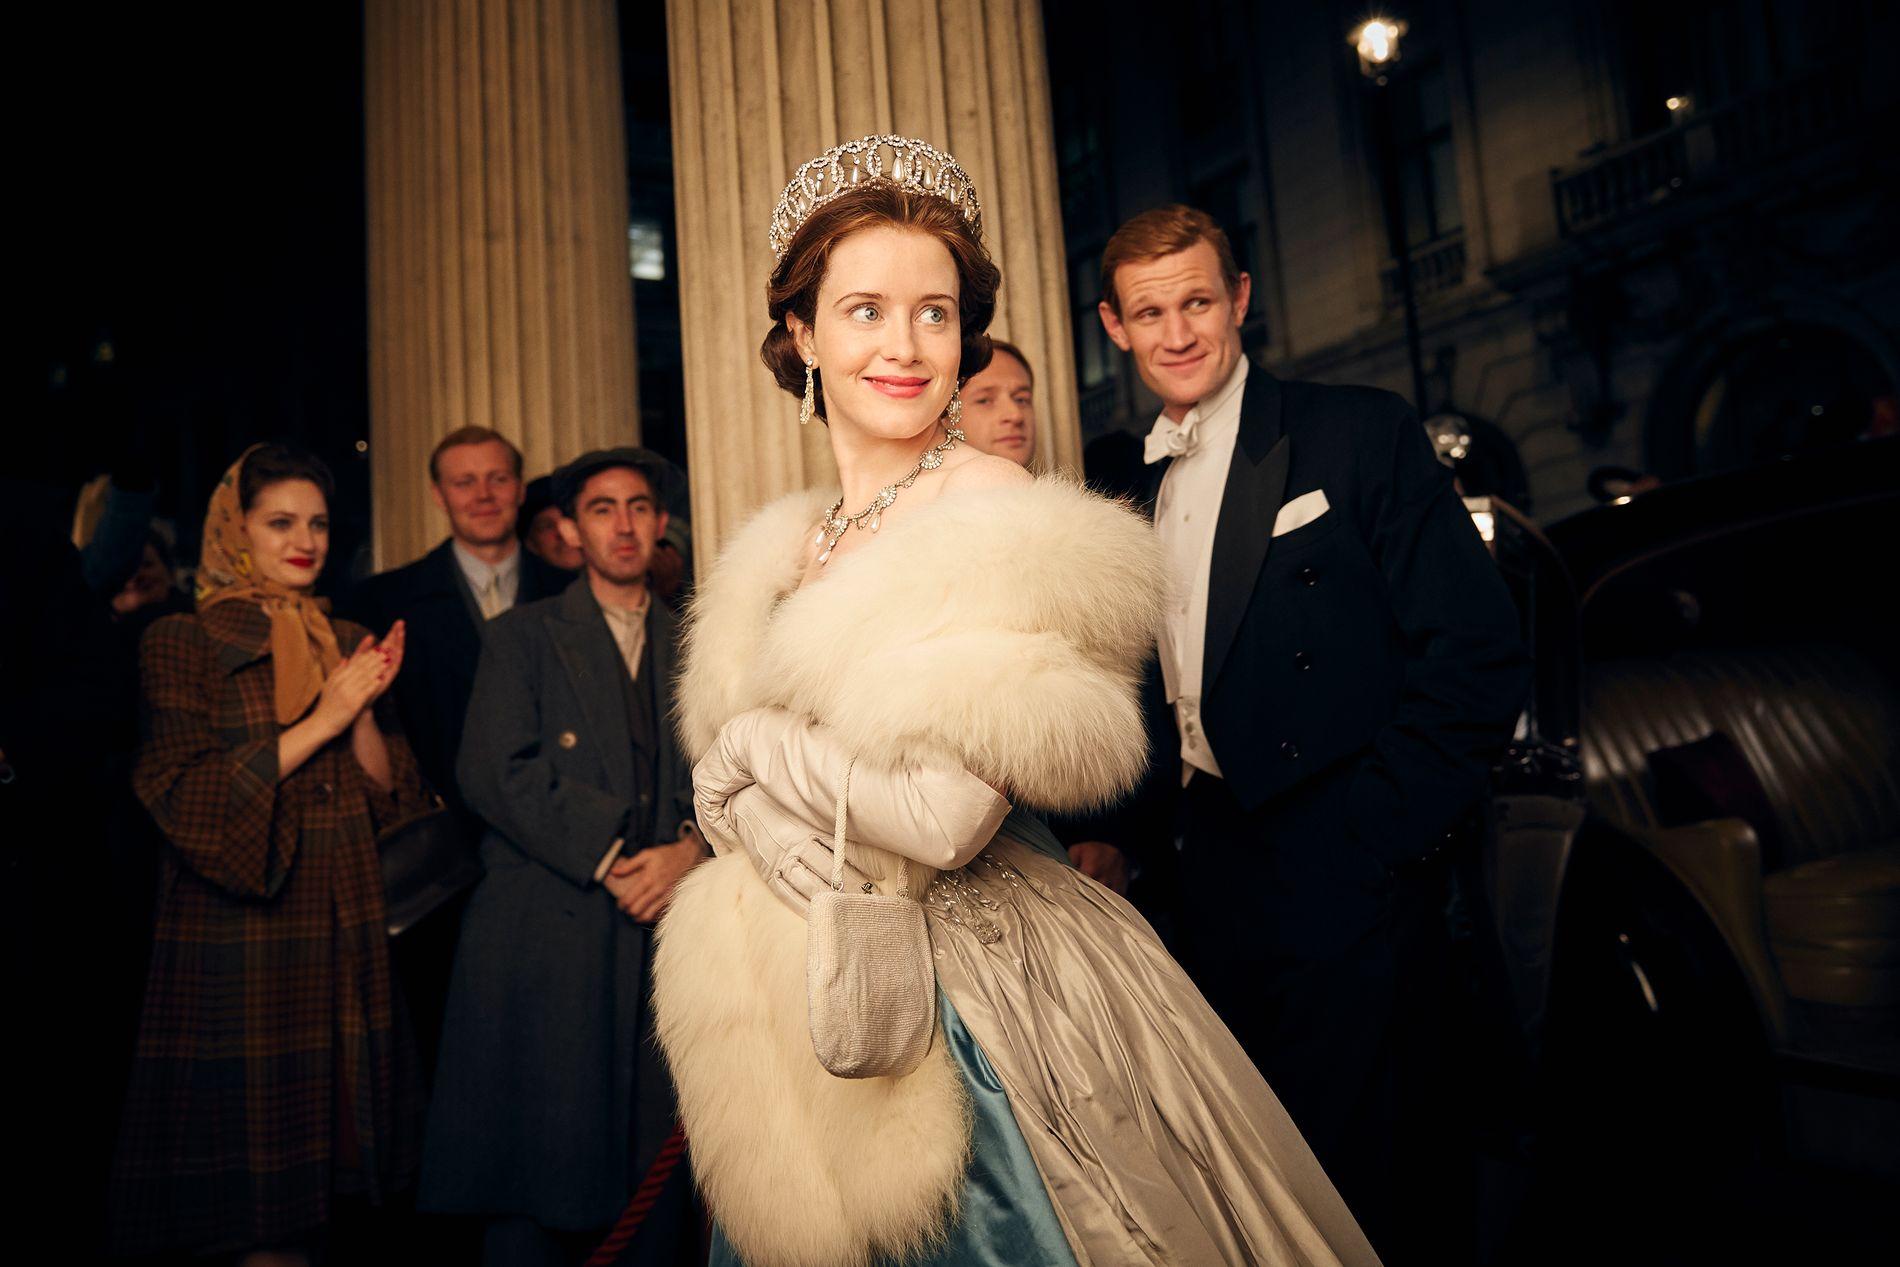 KONGELIG PAR: Skuespiller Claire Foy som dronning Elizabeth II og Matt Smith som hertug Philip av Edinburgh.